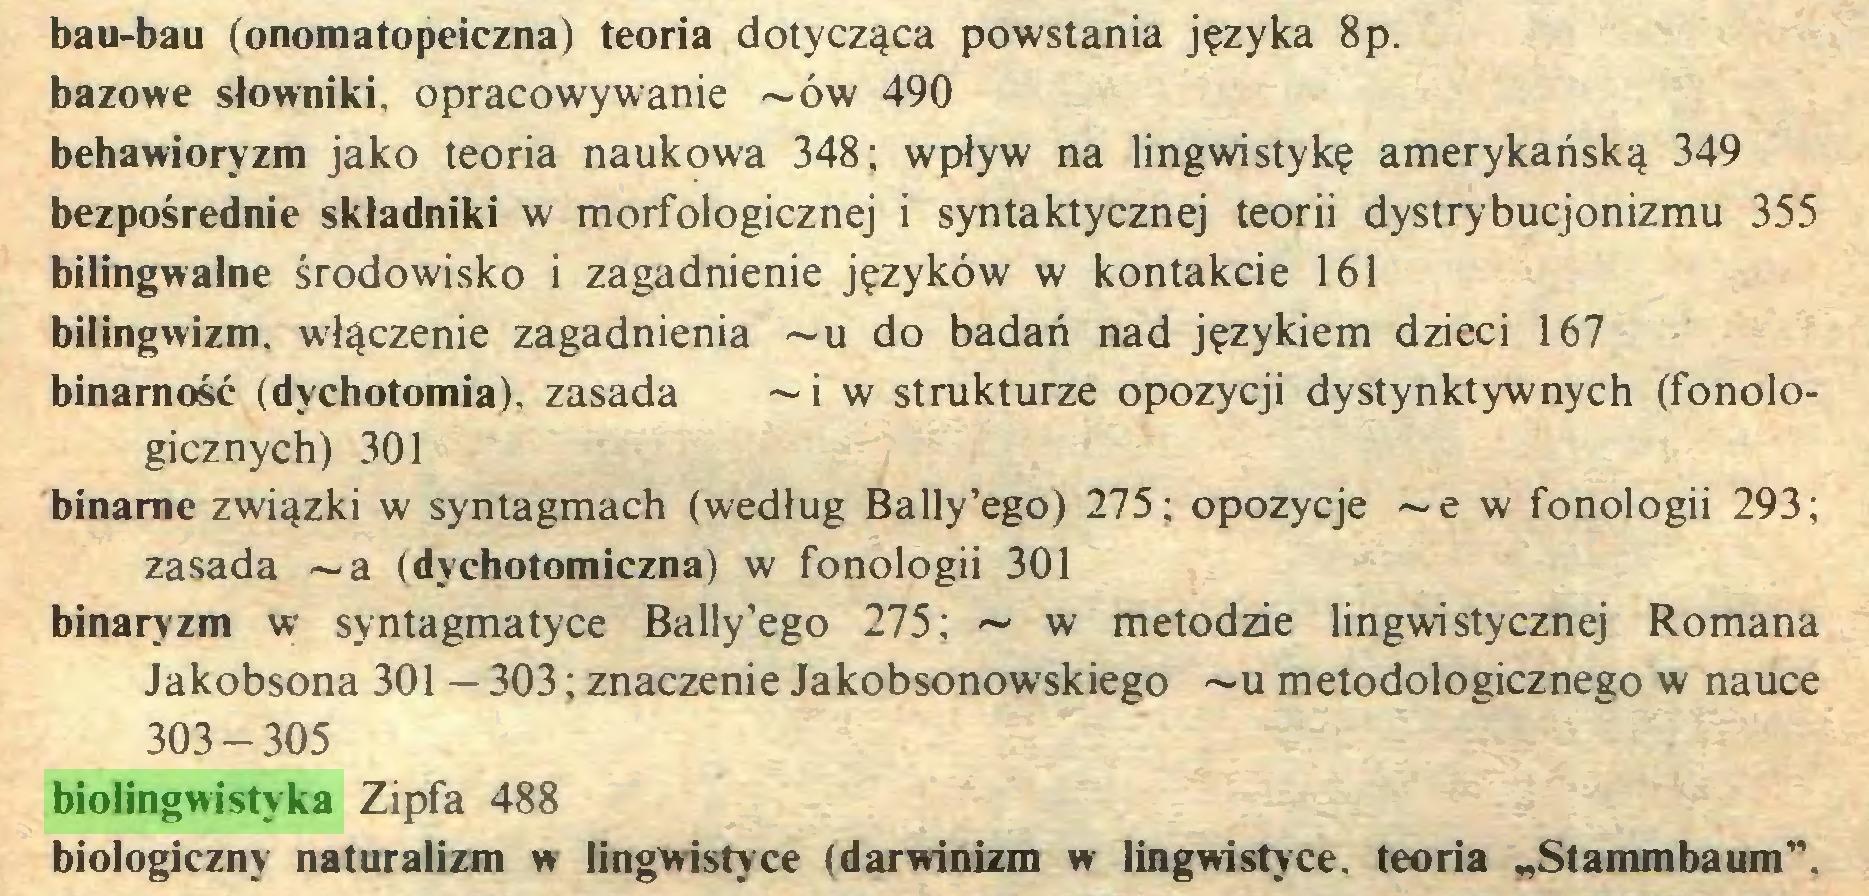 """(...) bau-bau (onomatopeiczna) teoria dotycząca powstania języka 8p. bazowe słowniki, opracowywanie ~ów 490 behawioryzm jako teoria naukowa 348; wpływ na lingwistykę amerykańską 349 bezpośrednie składniki w morfologicznej i syntaktycznej teorii dystrybucjonizmu 355 bilingwalne środowisko i zagadnienie języków w kontakcie 161 bilingwizm, włączenie zagadnienia ~u do badań nad językiem dzieci 167 binamość (dychotomia), zasada ~ i w strukturze opozycji dystynktywnych (fonologicznych) 301 binarne związki w syntagmach (według Bally'ego) 275; opozycje ~e w fonologii 293; zasada ~a (dychotomiczna) w fonologii 301 binaryzm w syntagmatyce Bally'ego 275; ~ w metodzie lingwistycznej Romana Jakobsona 301 — 303; znaczenie Jakobsonowskiego ~u metodologicznego w nauce 303-305 biolingwistyka Zipfa 488 biologiczny naturalizm w lingwistyce (darwinizm w lingwistyce, teoria """"Stammbaum""""..."""